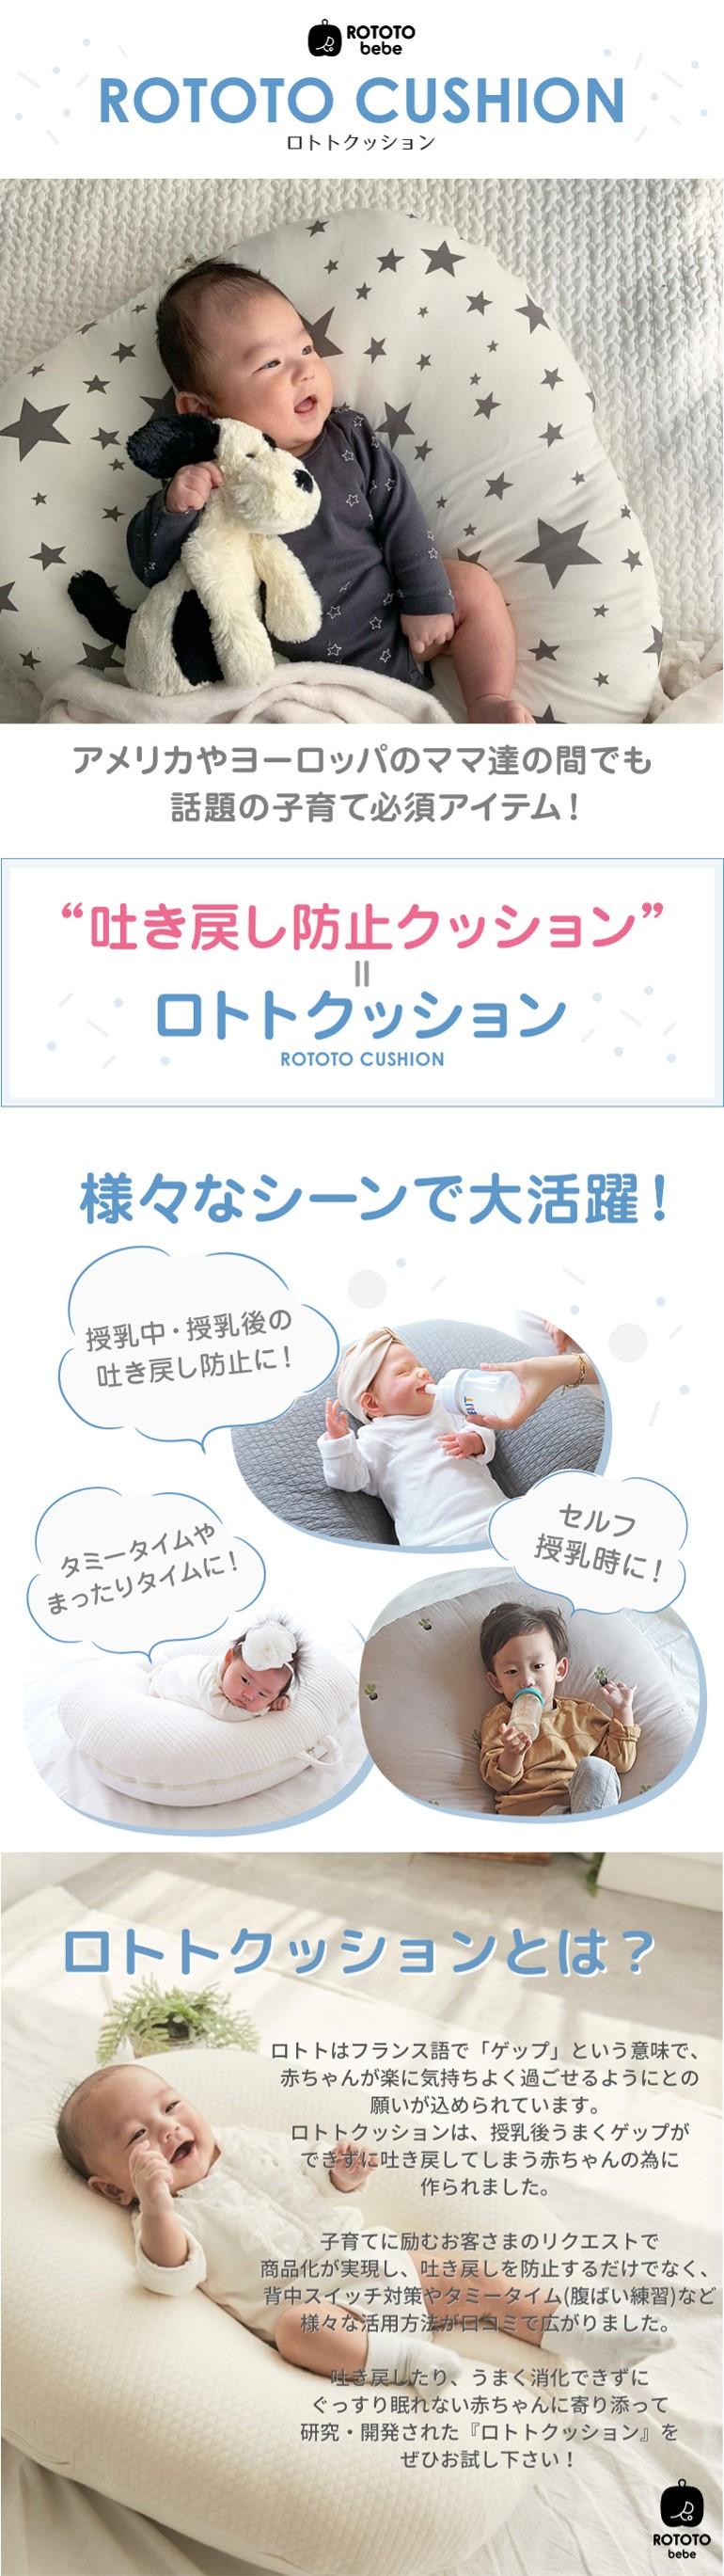 吐く 赤ちゃん ゲップ ママの英会話に!覚えておきたい赤ちゃんの育児に関する英語表現